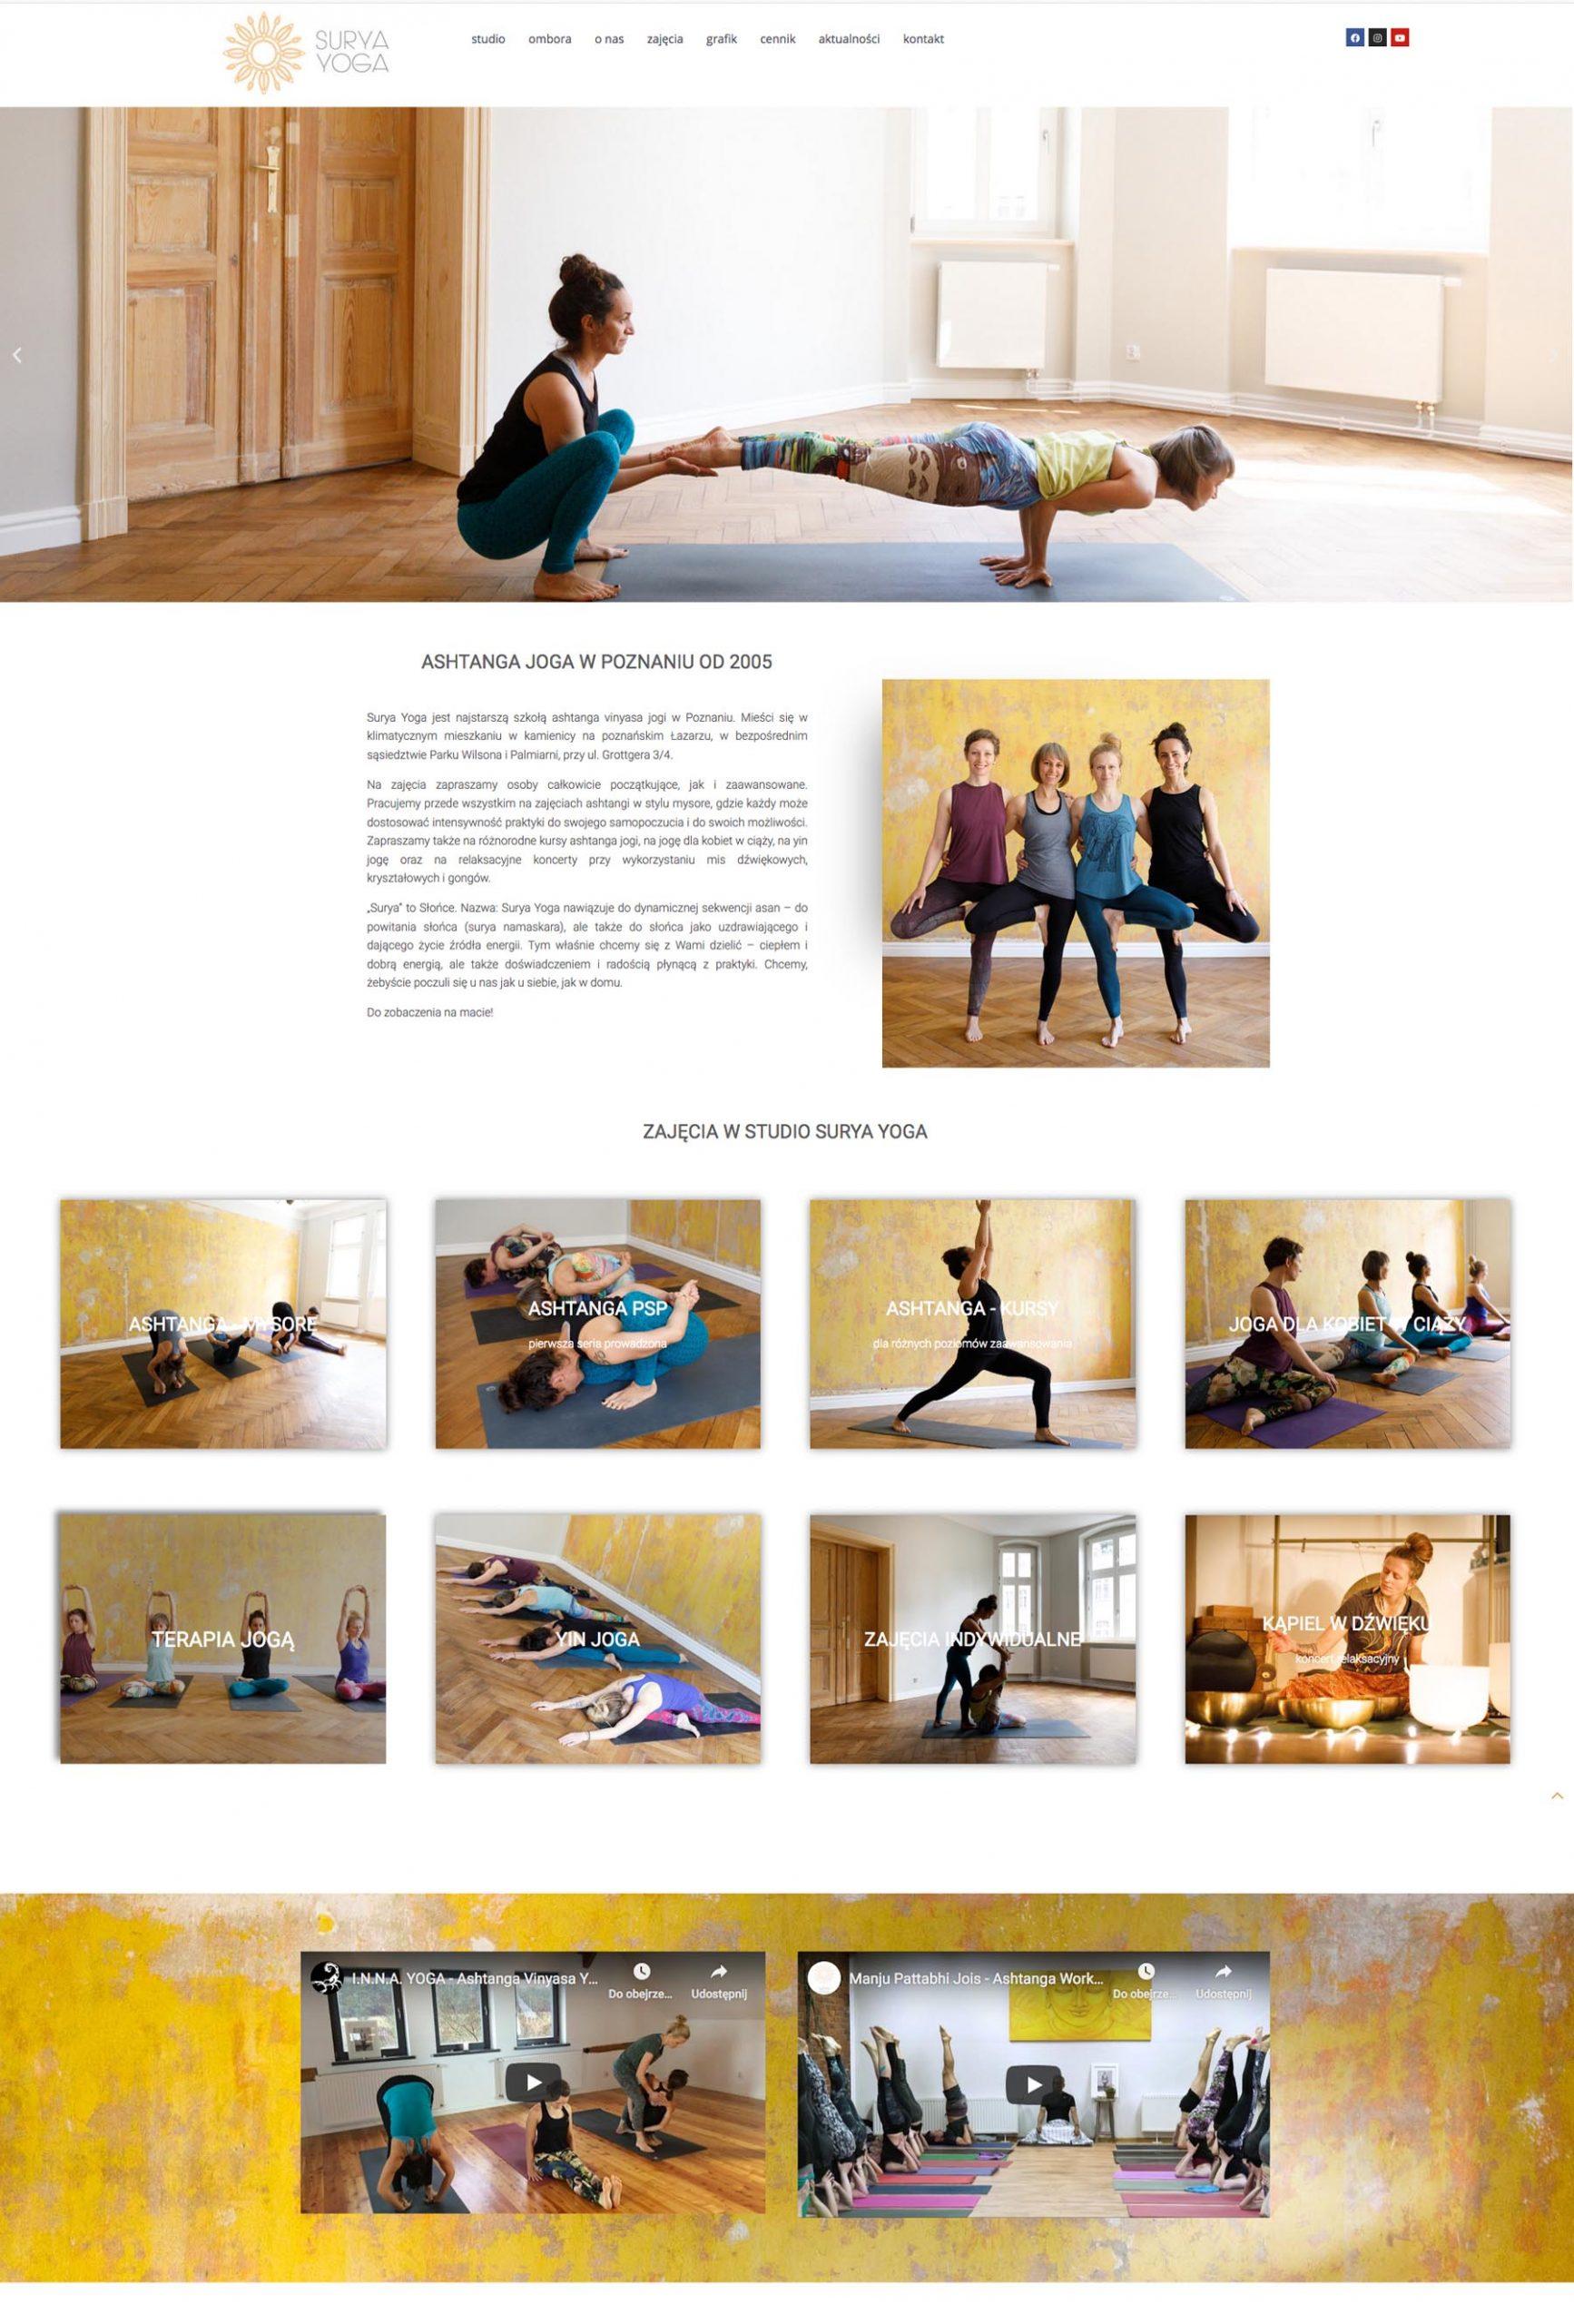 https://surya-yoga.pl/